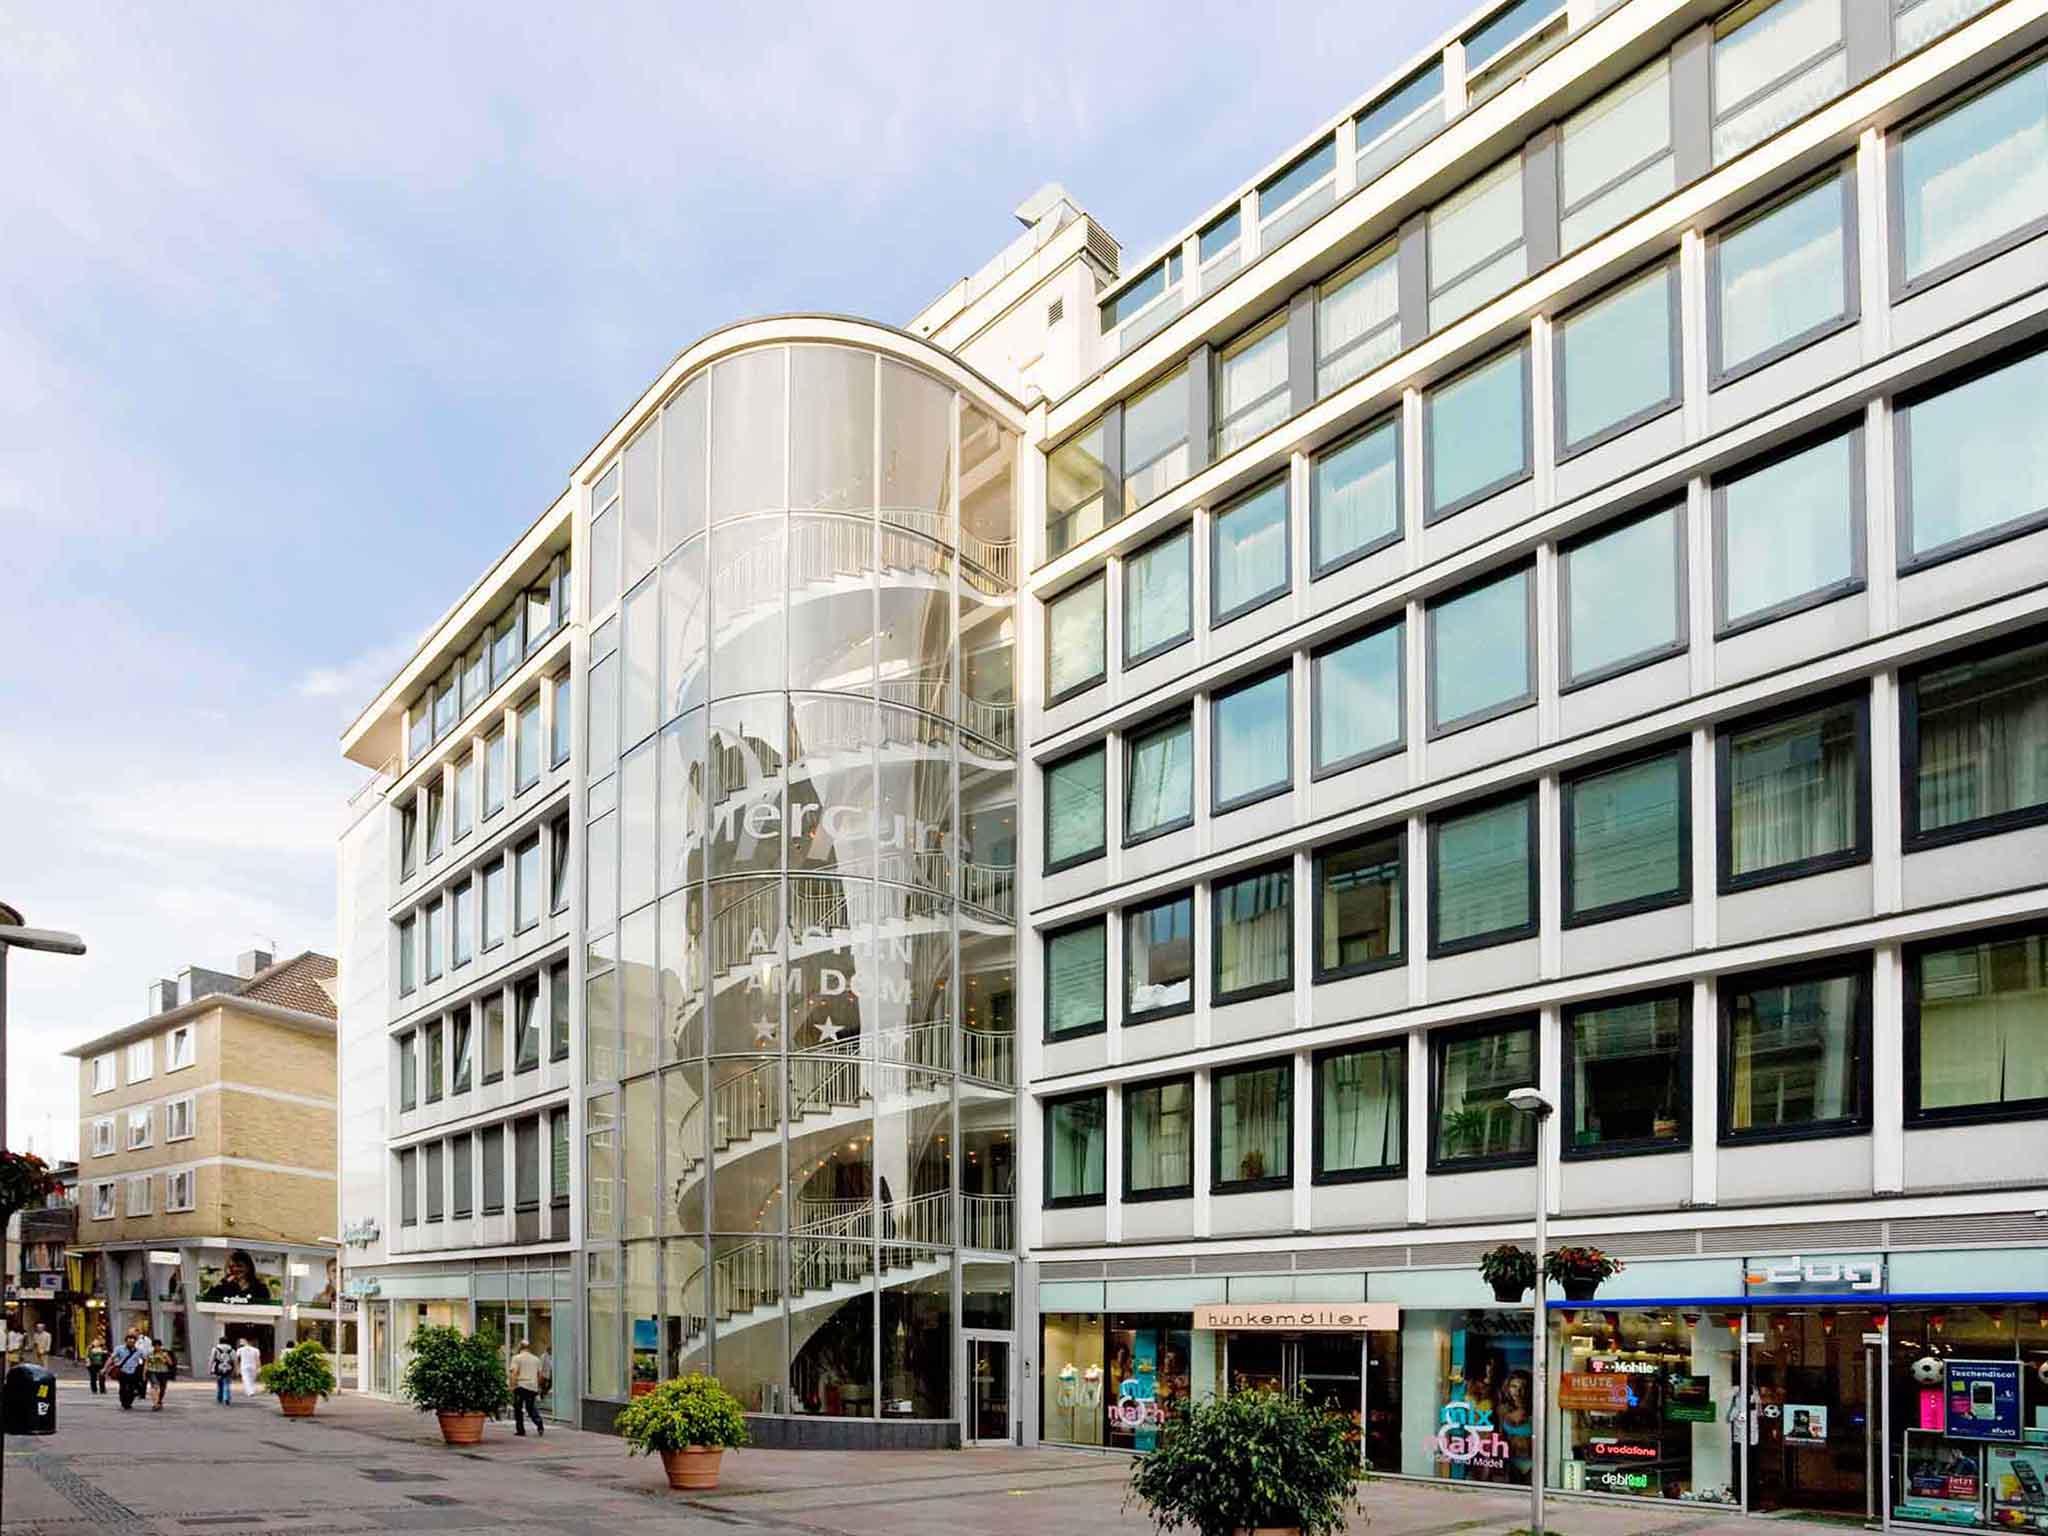 โรงแรม – Mercure Hotel Aachen am Dom